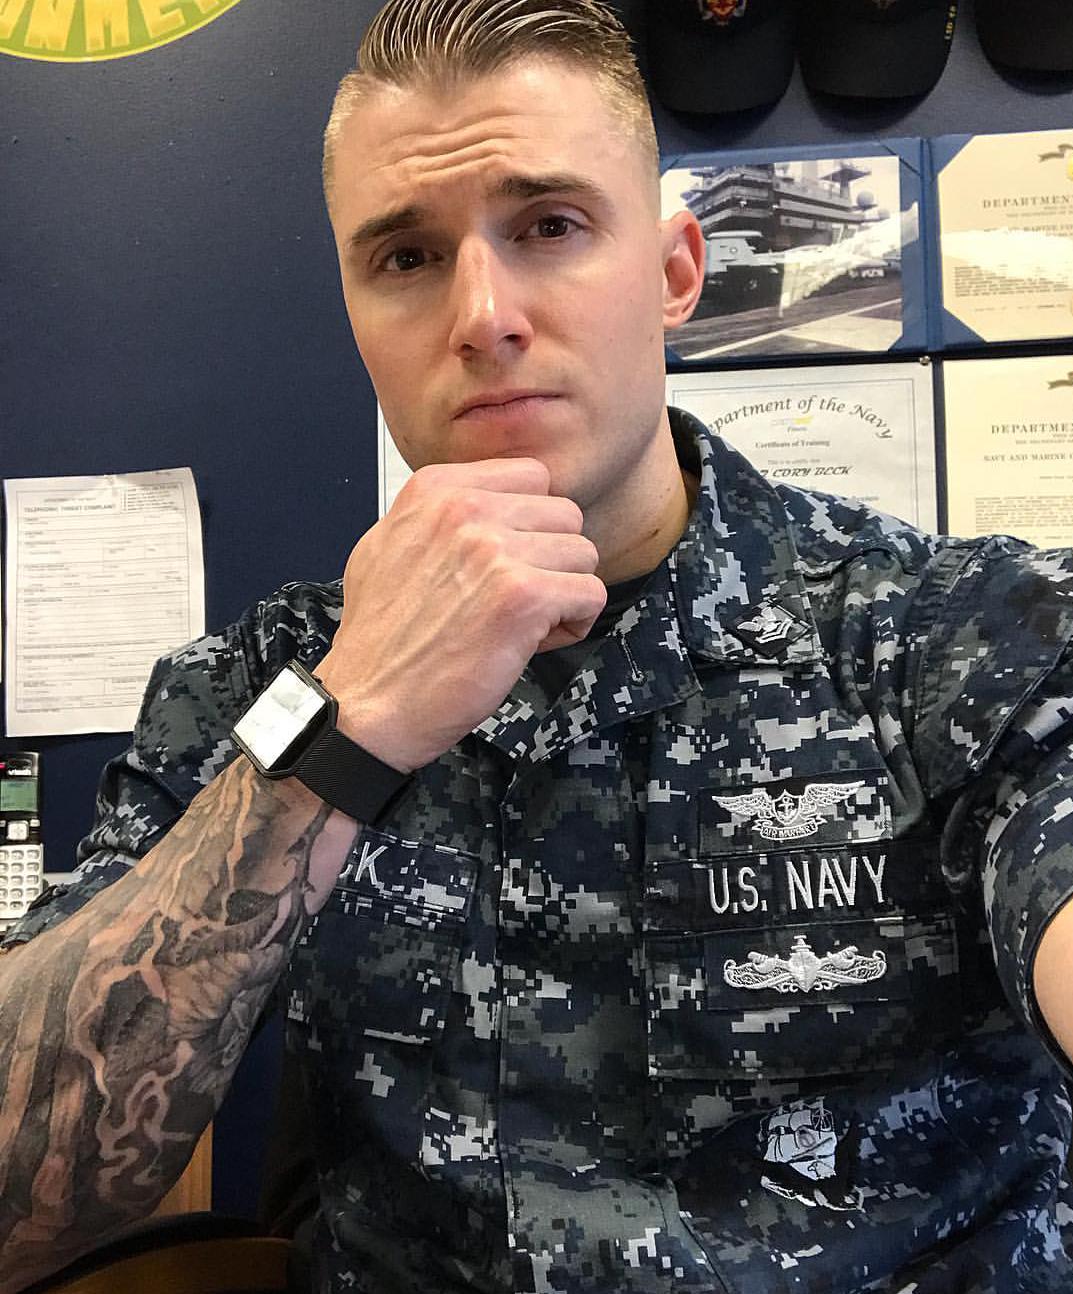 Mens military haircut military haircut marine army  military haircut  pinterest